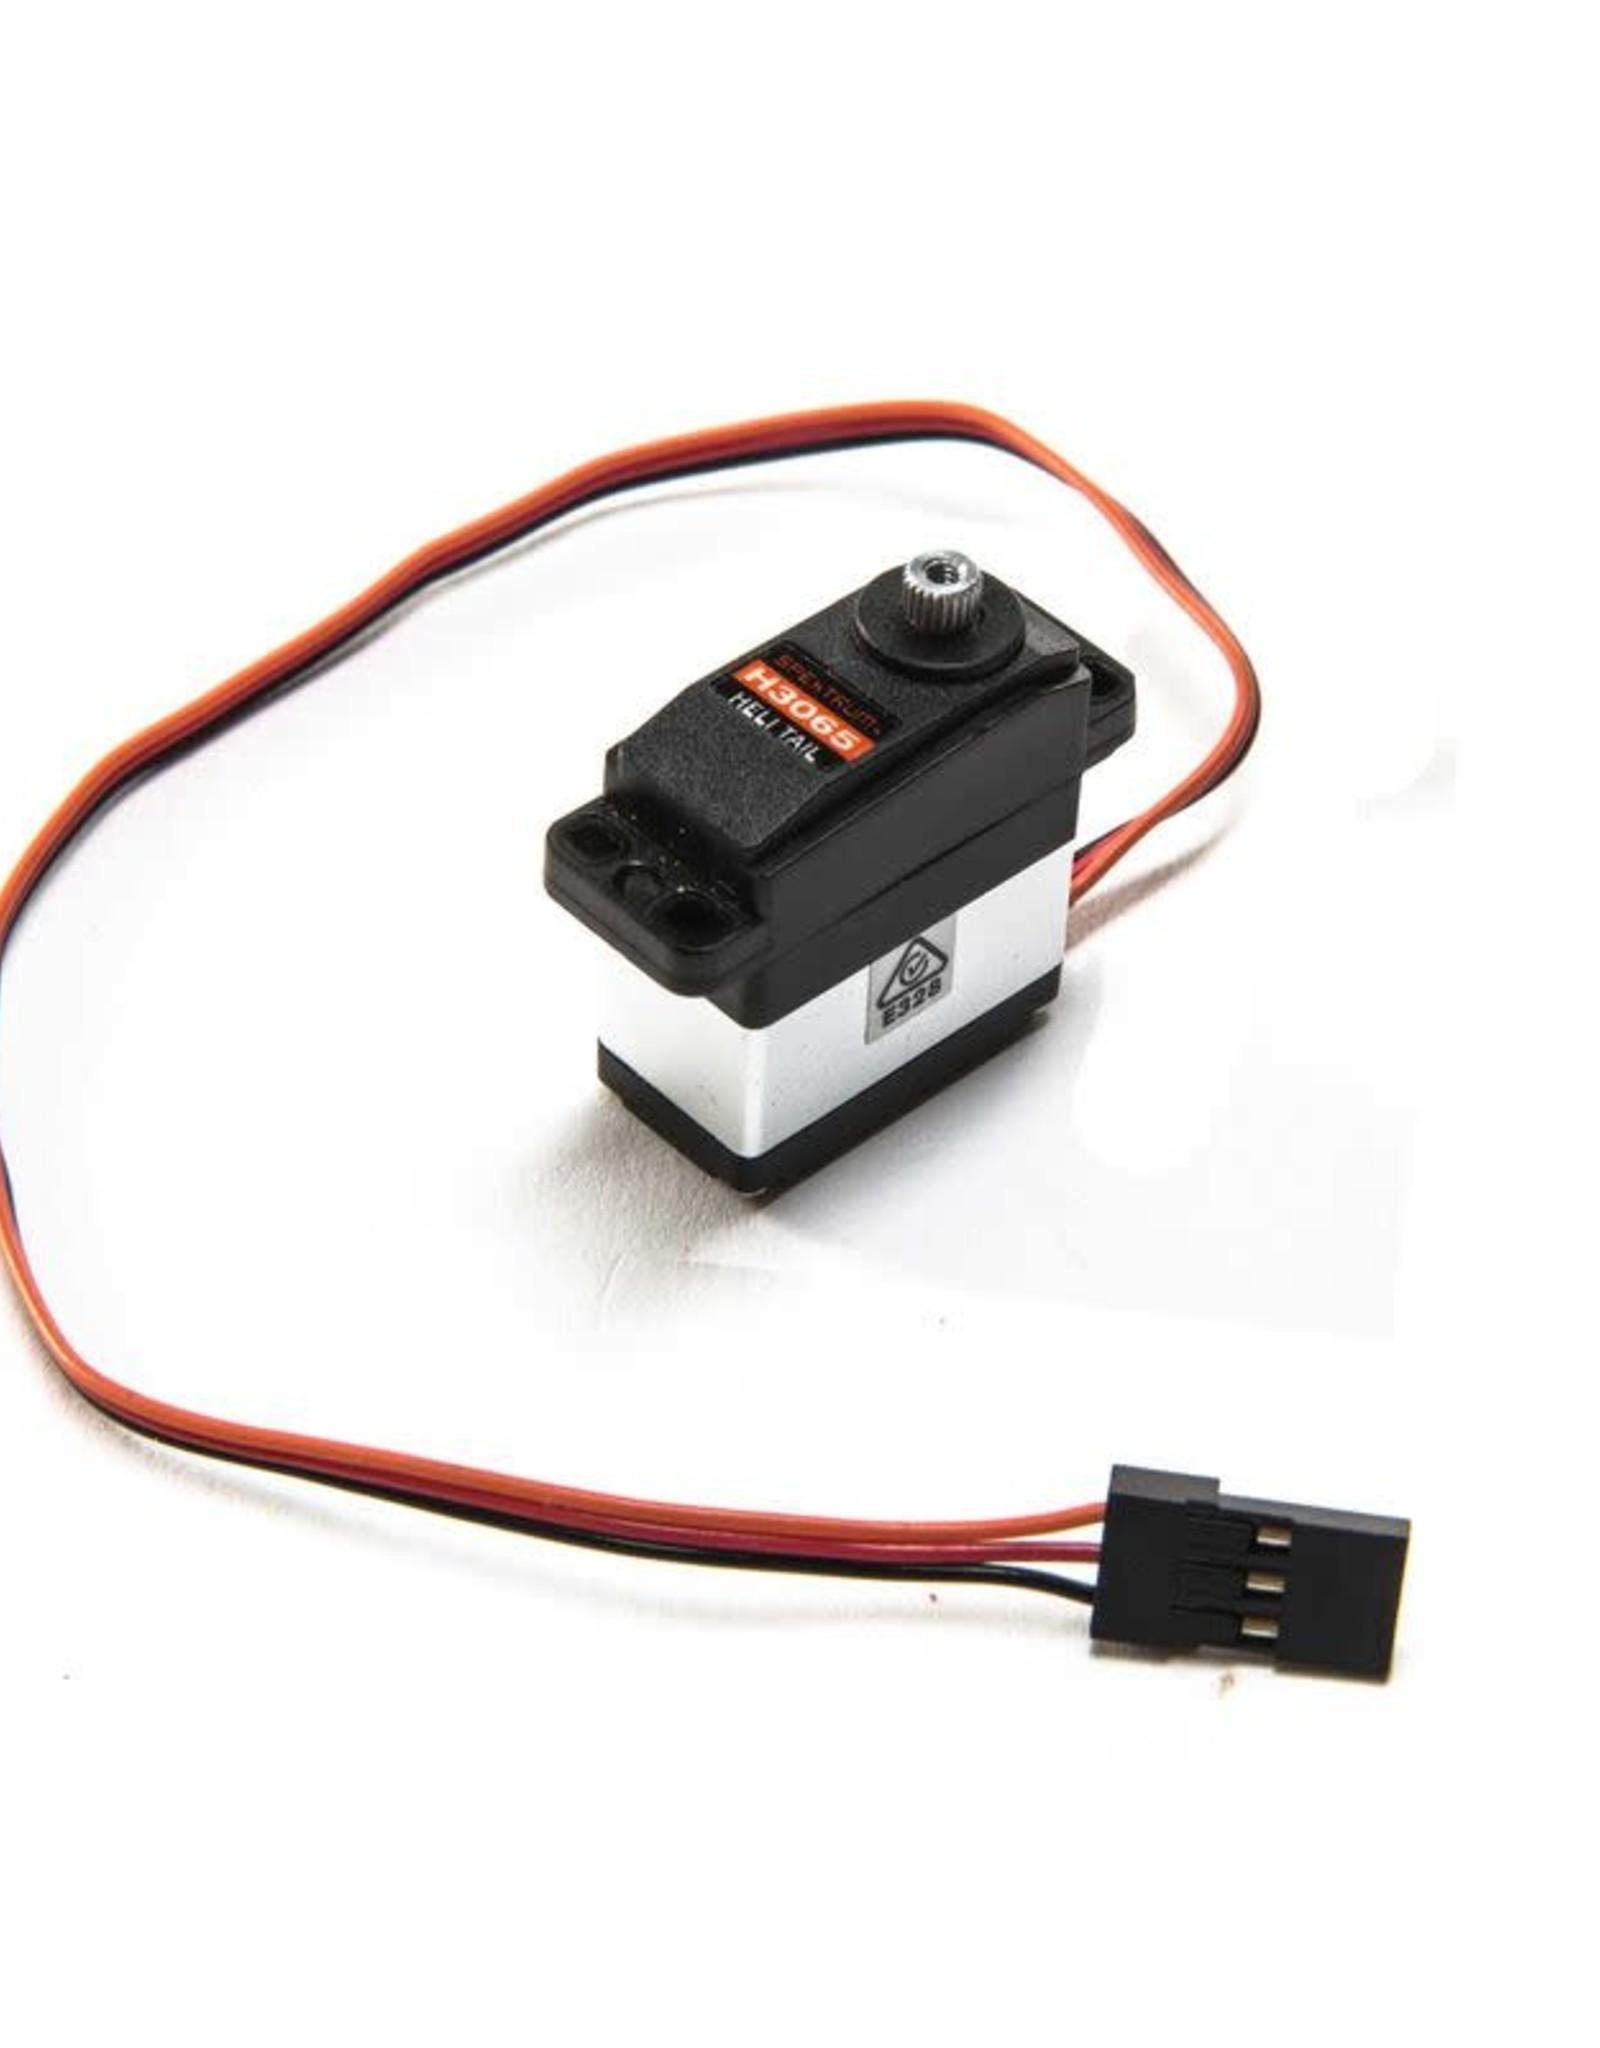 spektrum SPMSH3065 H3065 Sub-Micro Digital Mid-Torque Ultra-Speed Metal Gear Heli Tail Servo